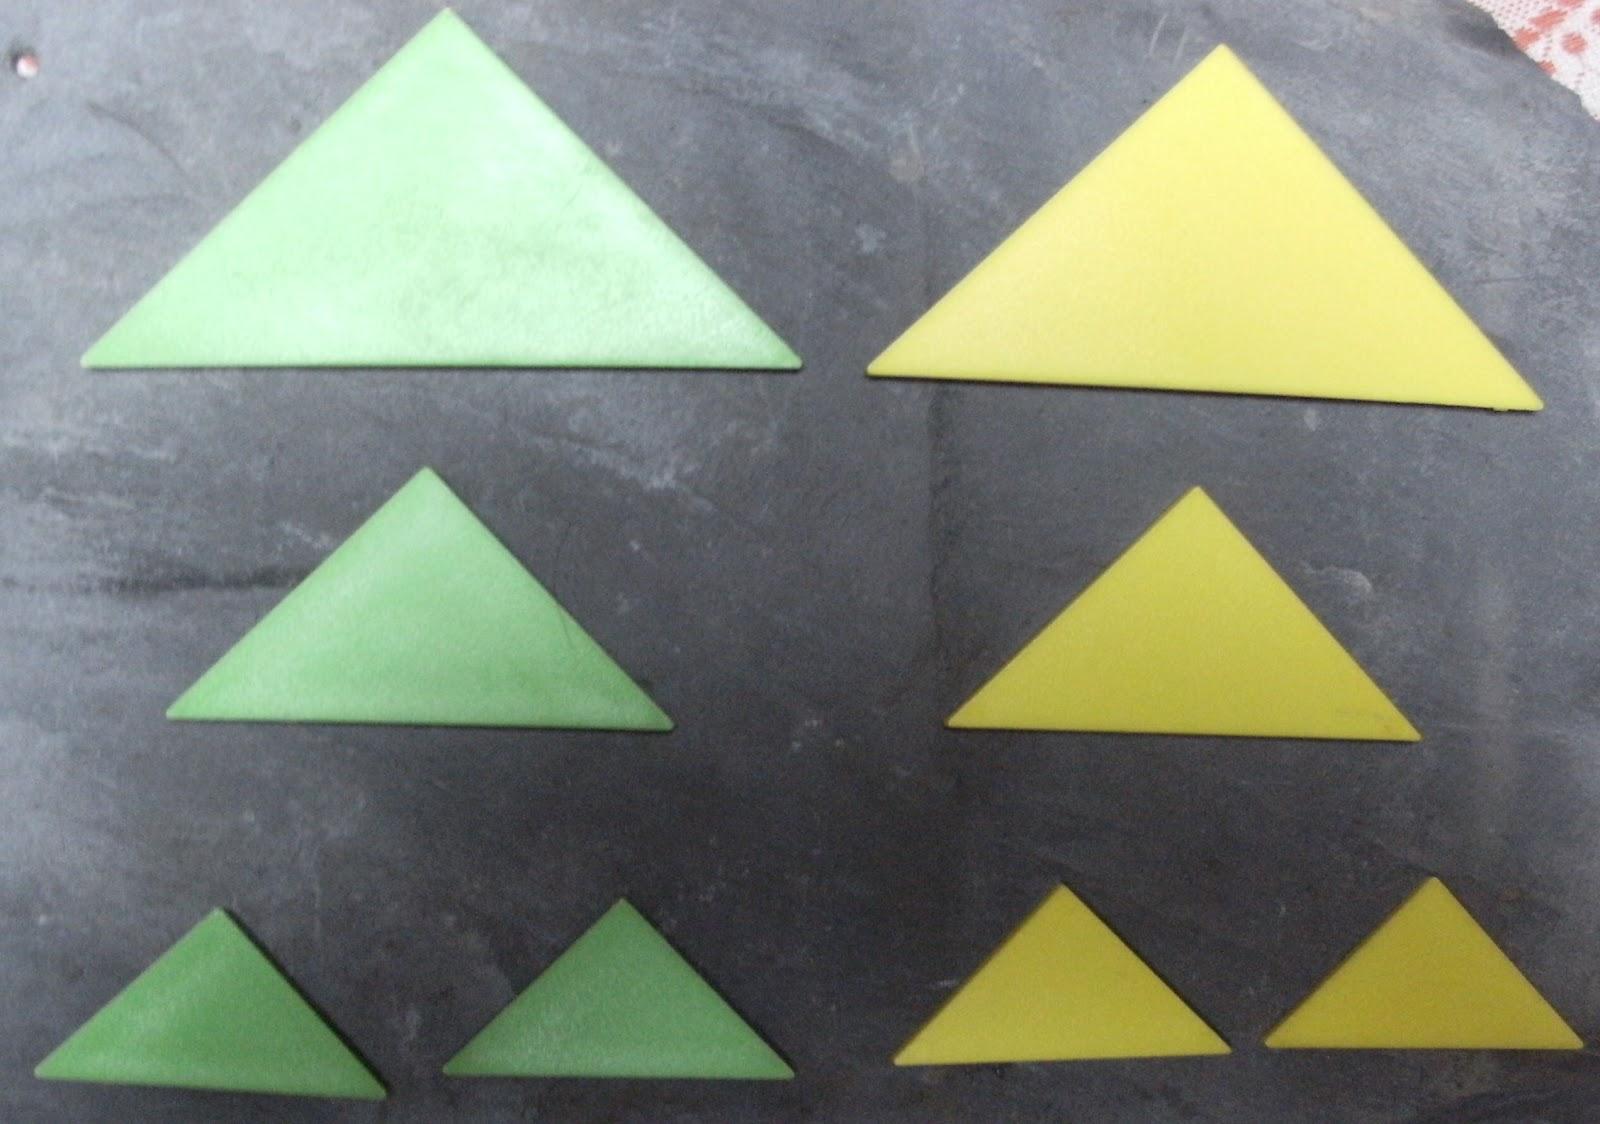 Congruent Triangles In Architecture Isosceles right triangles.